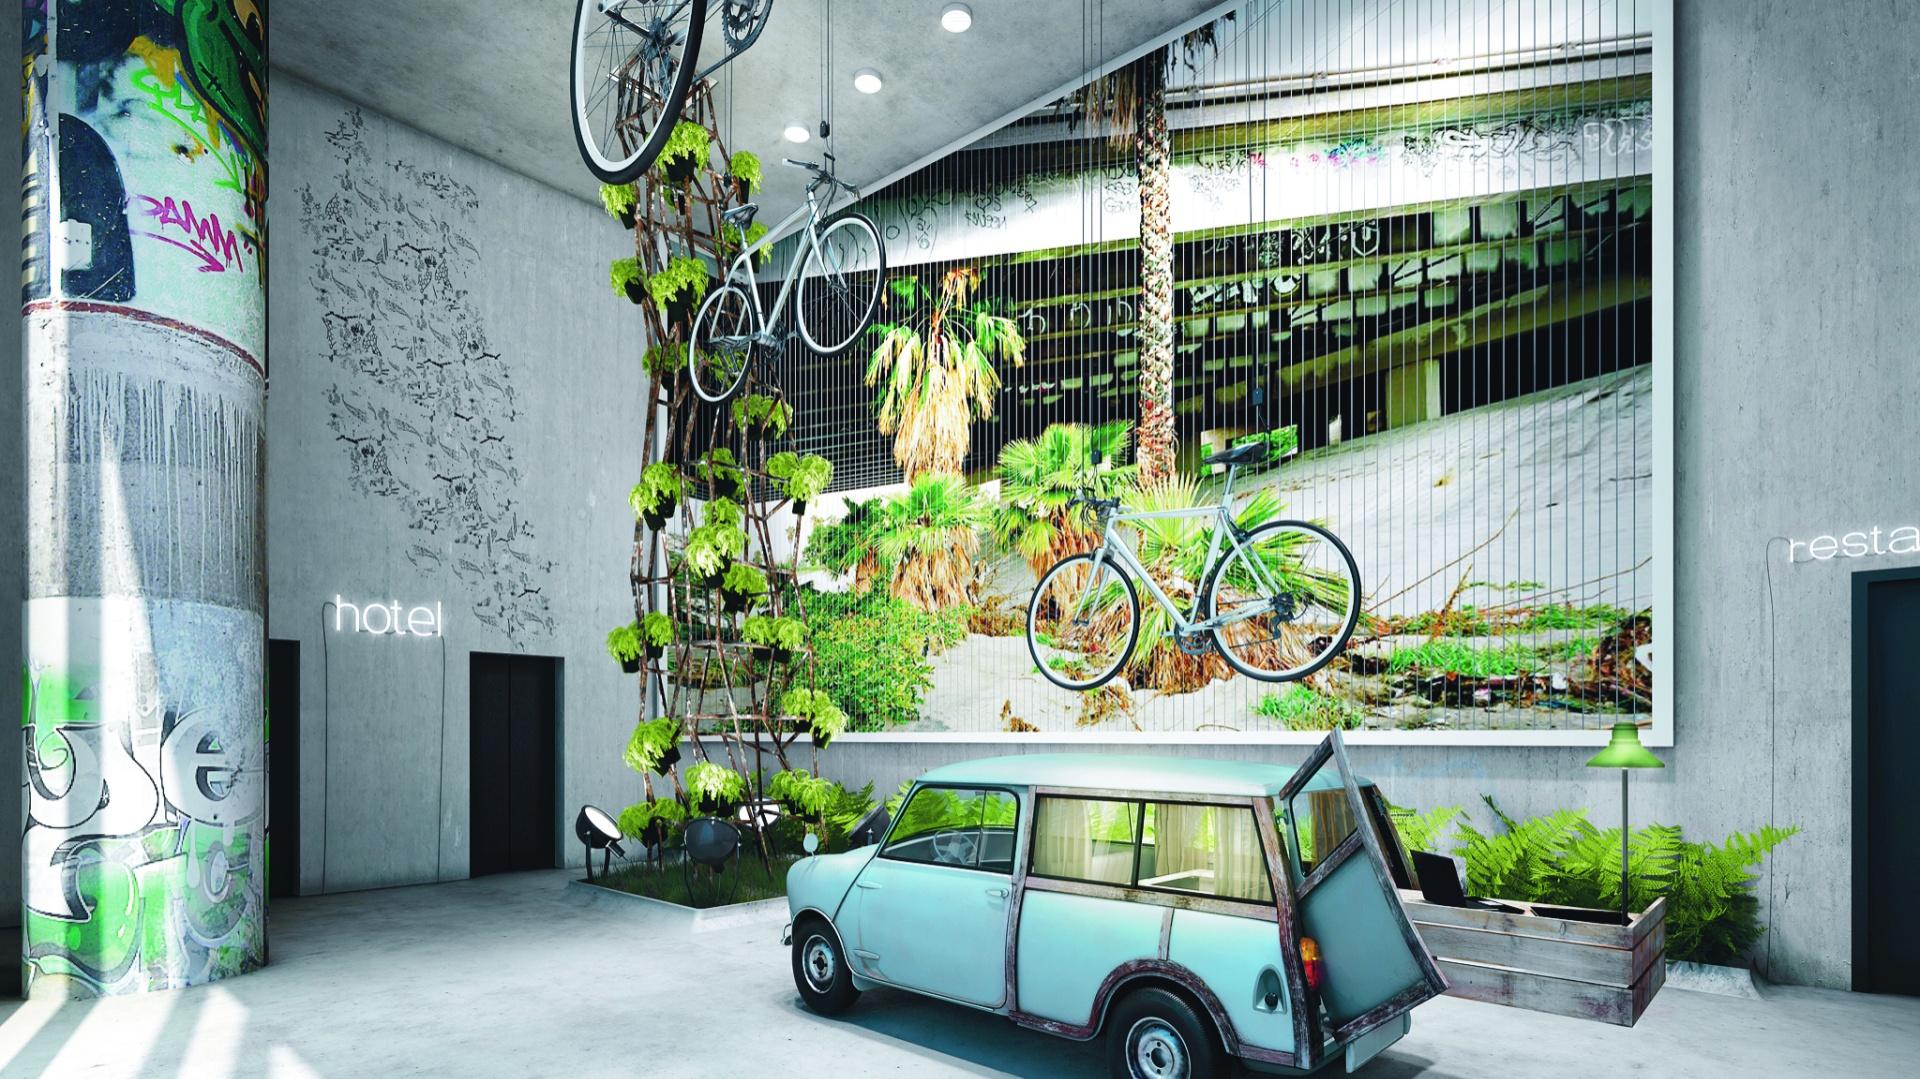 25hours Bikini Berlin, wejście do hotelu przypomina miejską betonową dżunglę w grafitowo-betonowej szacie przepełnioną zabytkowymi artefaktami. Fot Kaldewei